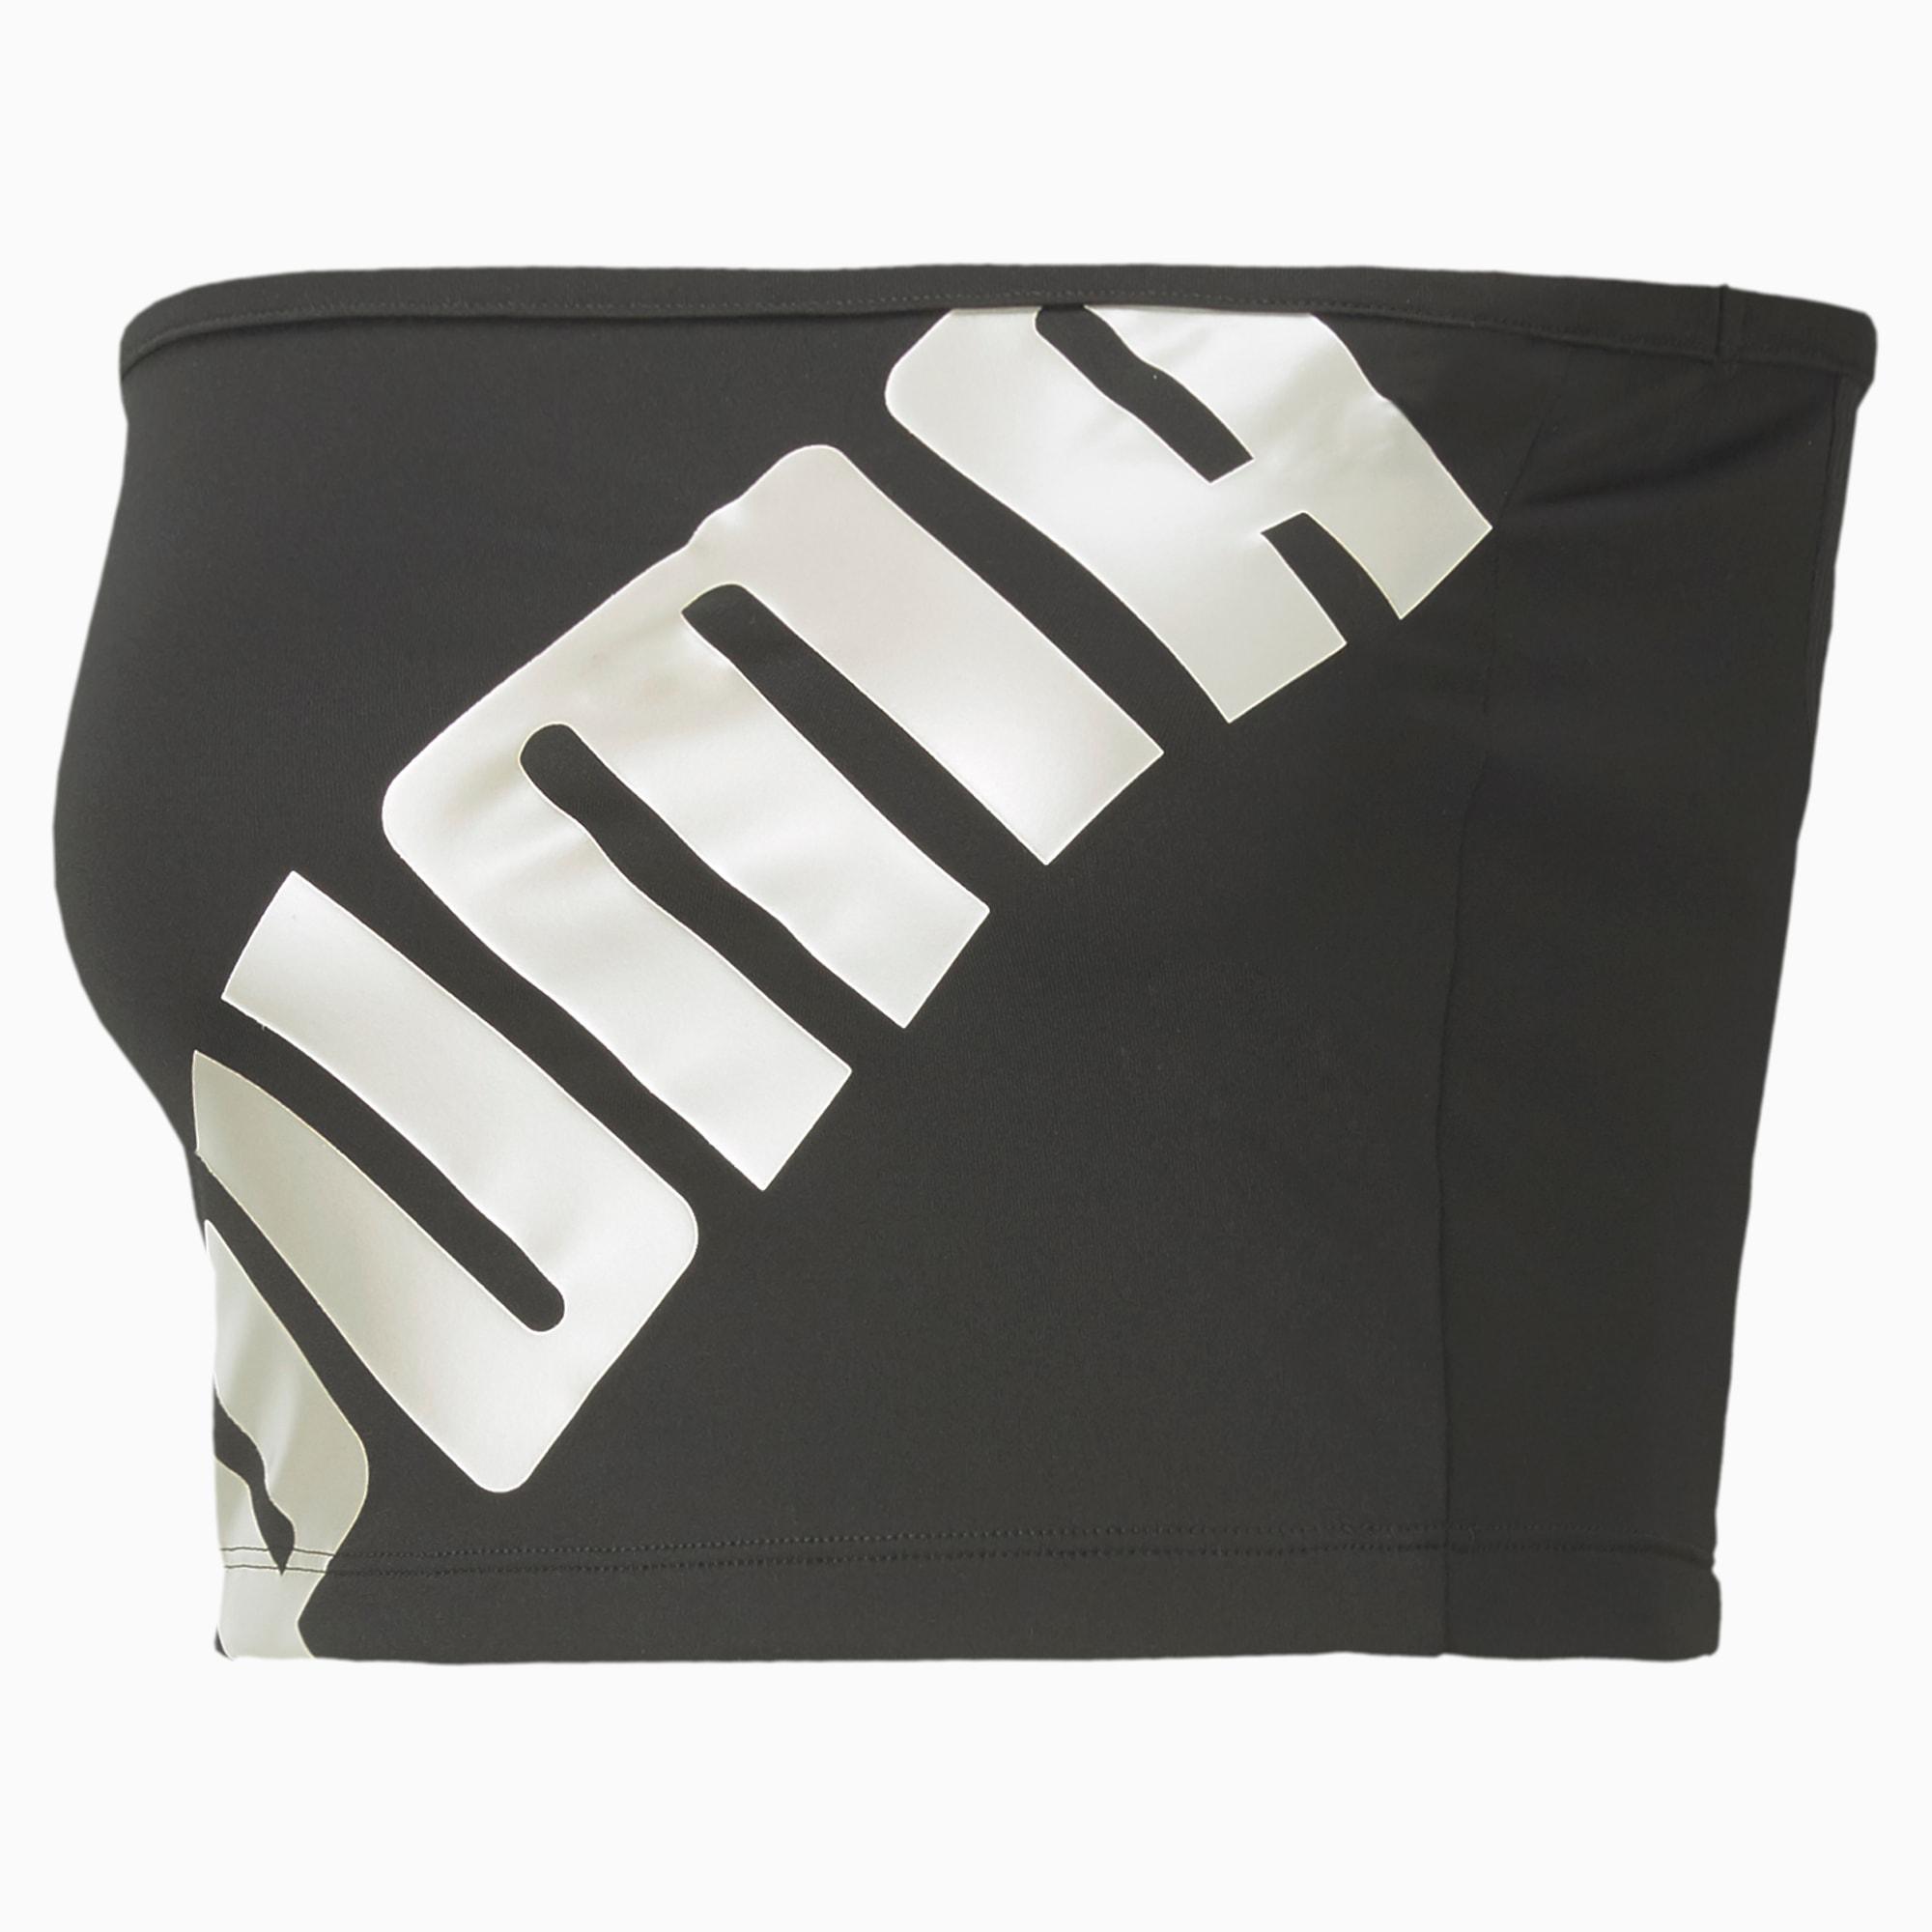 puma -  T7 2020 Fashion Damen Bandeau-Top | Mit Aucun | Schwarz | Größe: XS